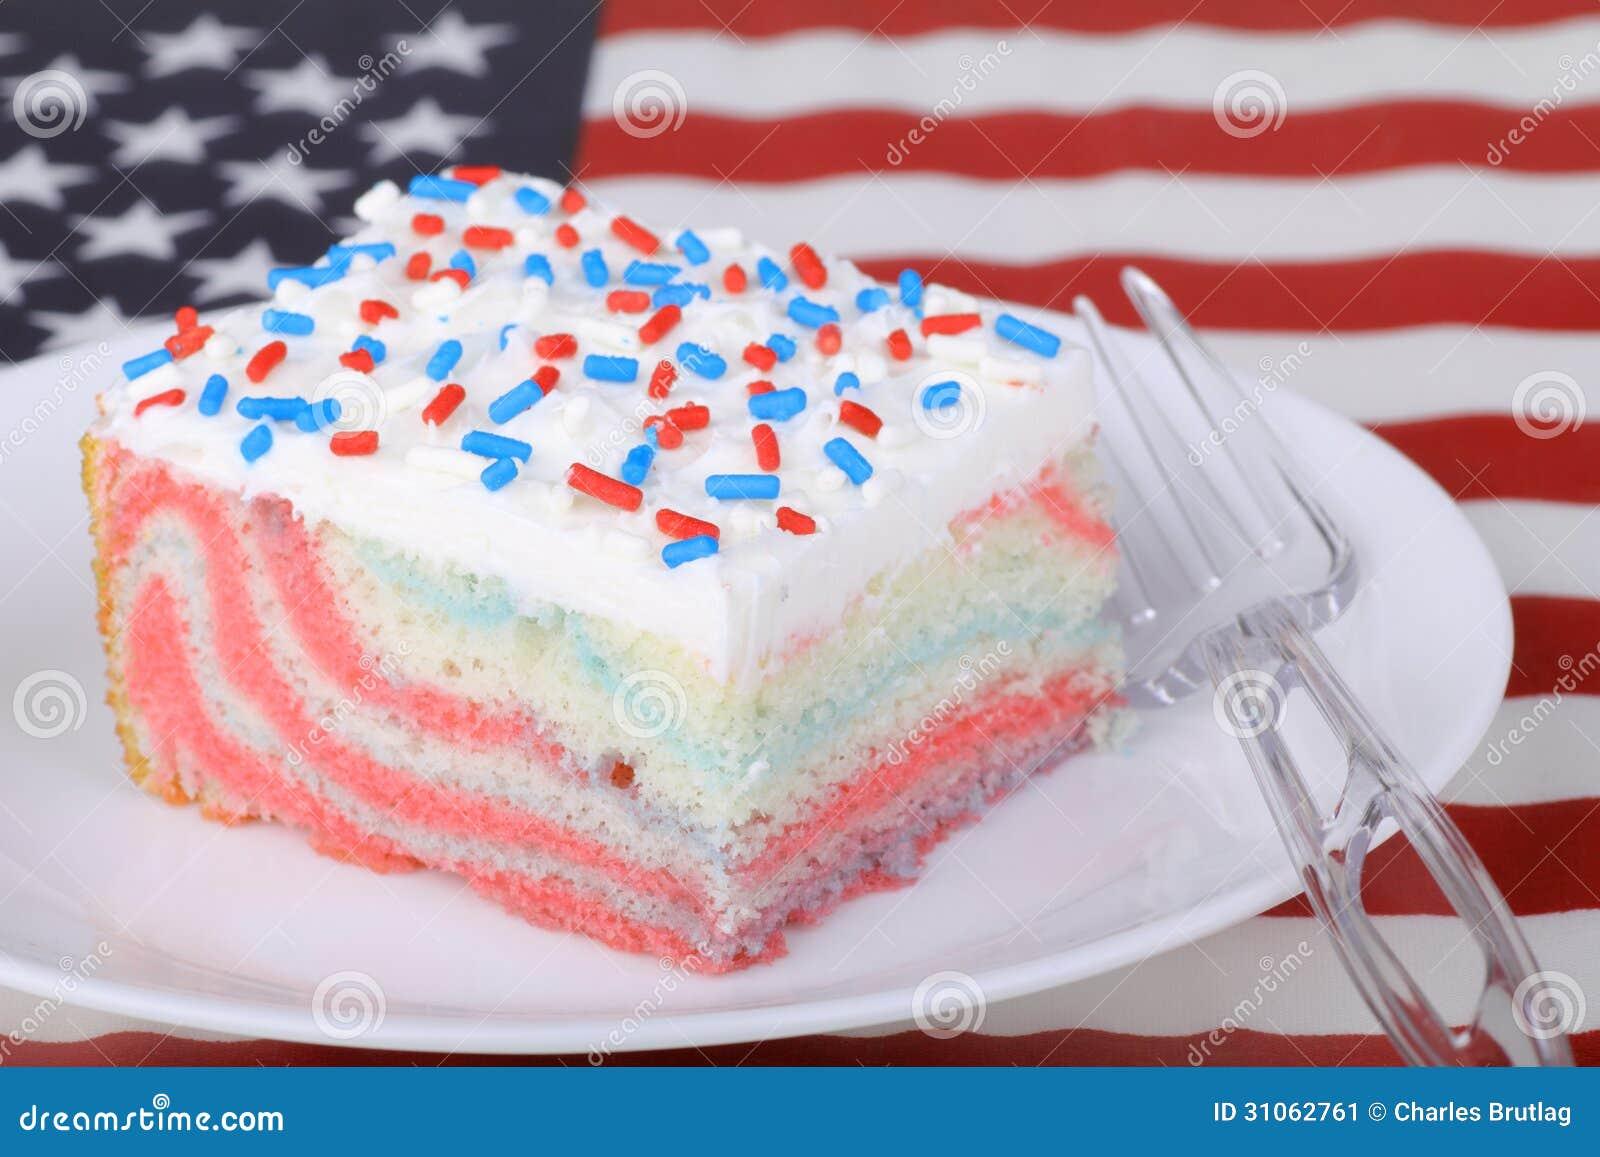 Часть патриотического торта